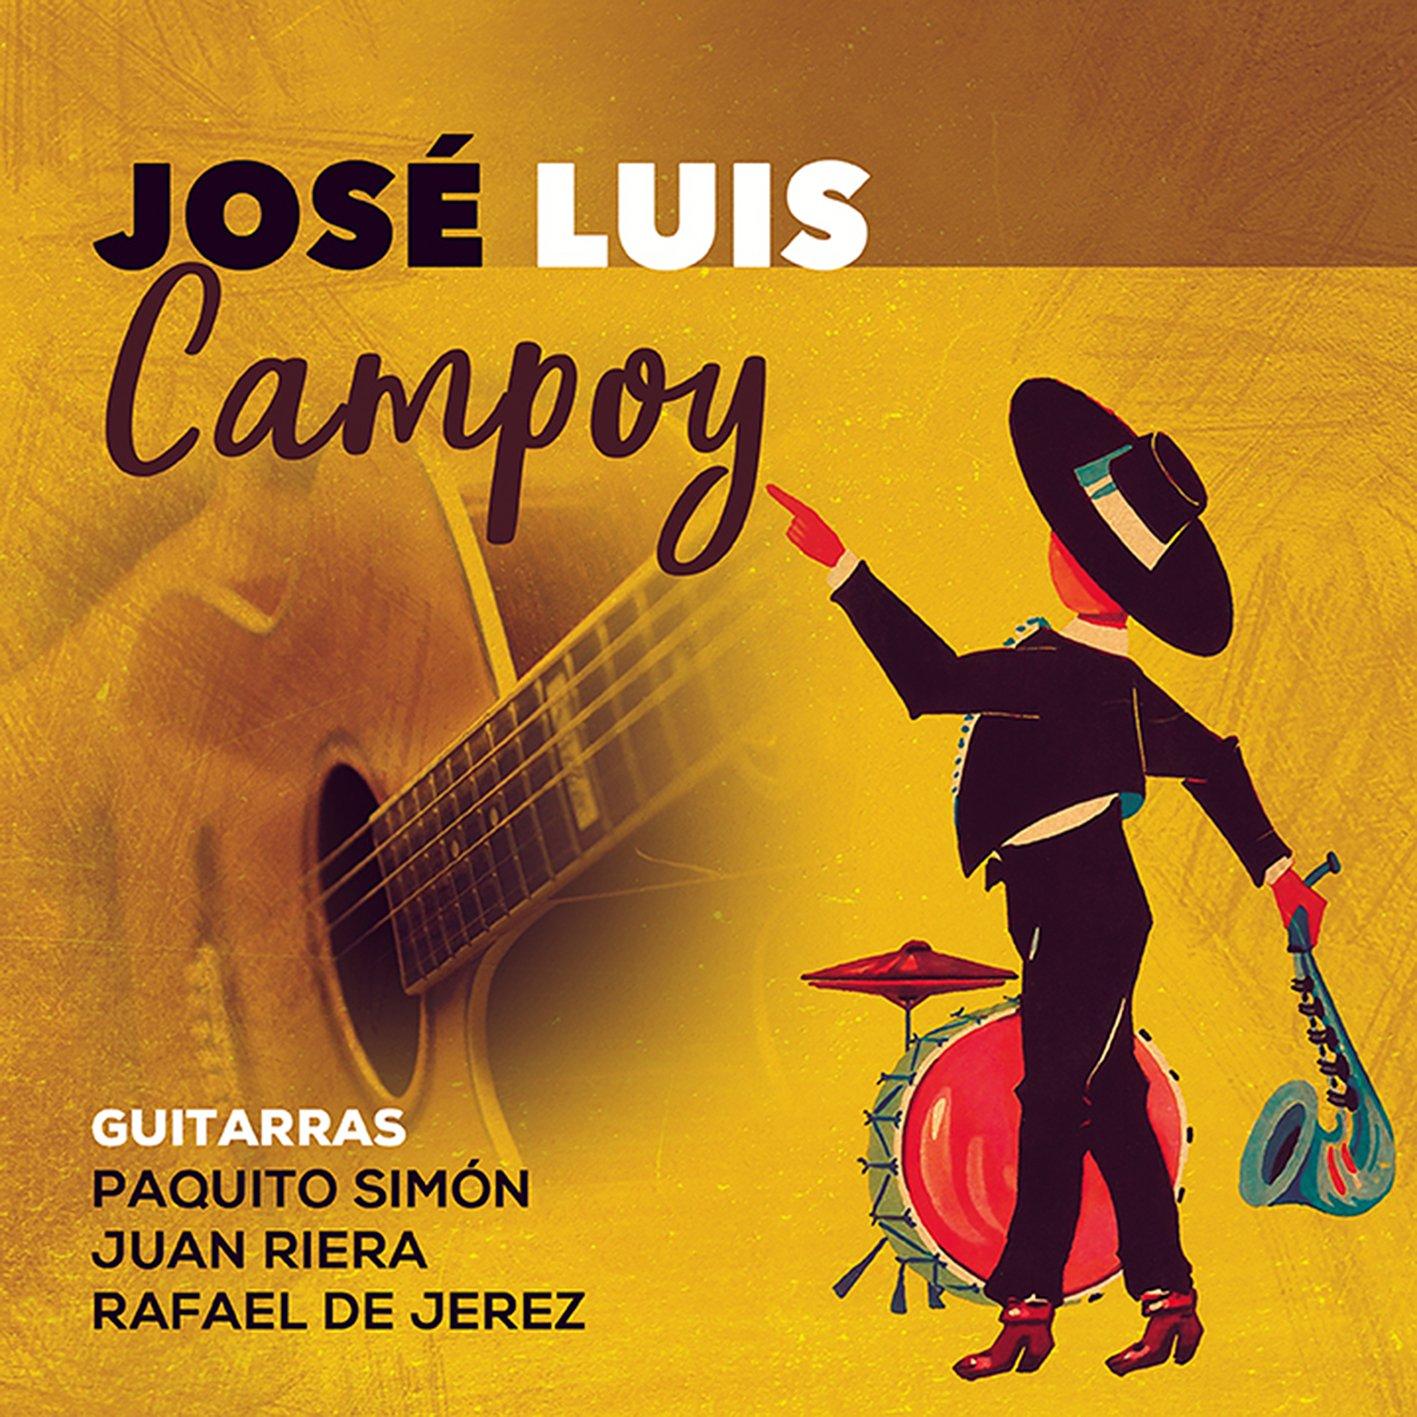 2 CDs José Luis Campoy: José Luis Campoy, Paquito Simón: Amazon.es ...